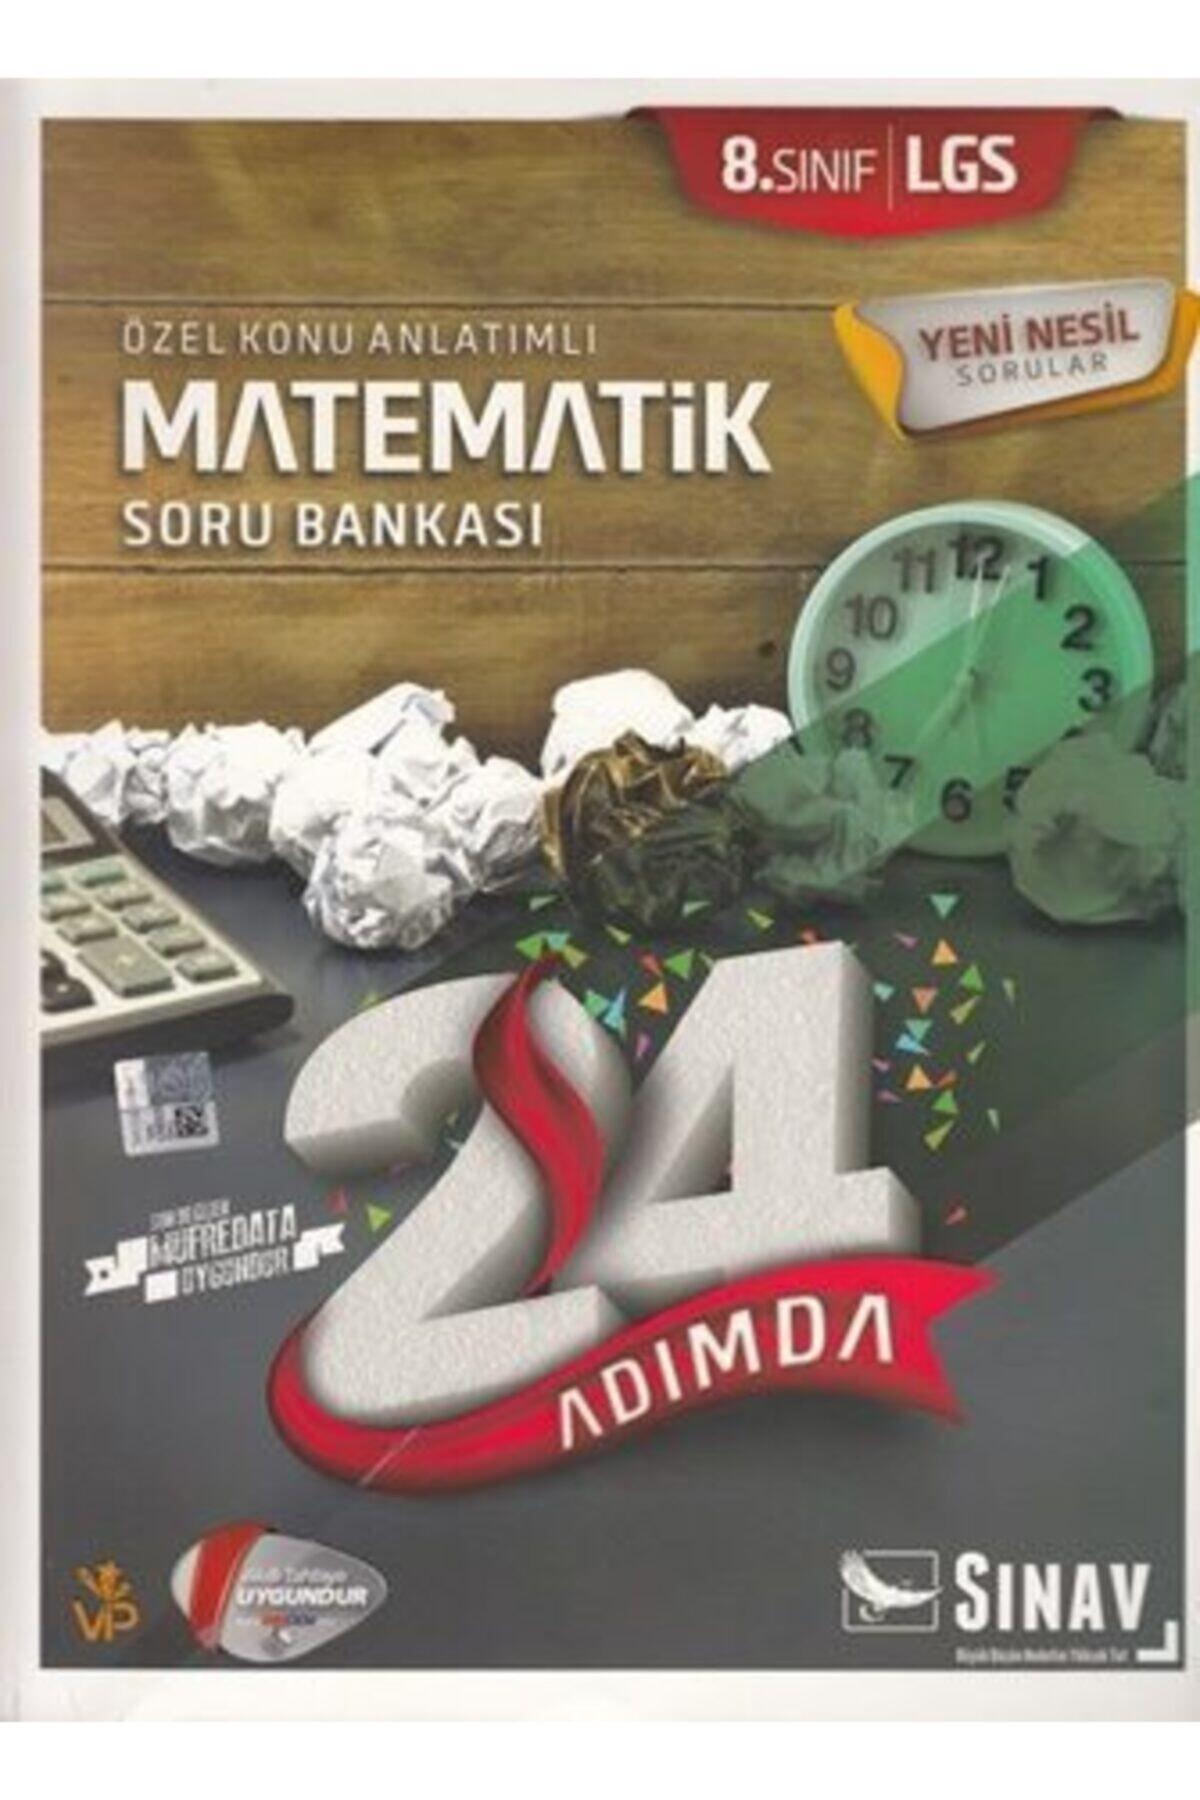 Sınav Yayınları 8.sınıf Sınav Matematik Konu Anlatımlı Soru Bankası 1